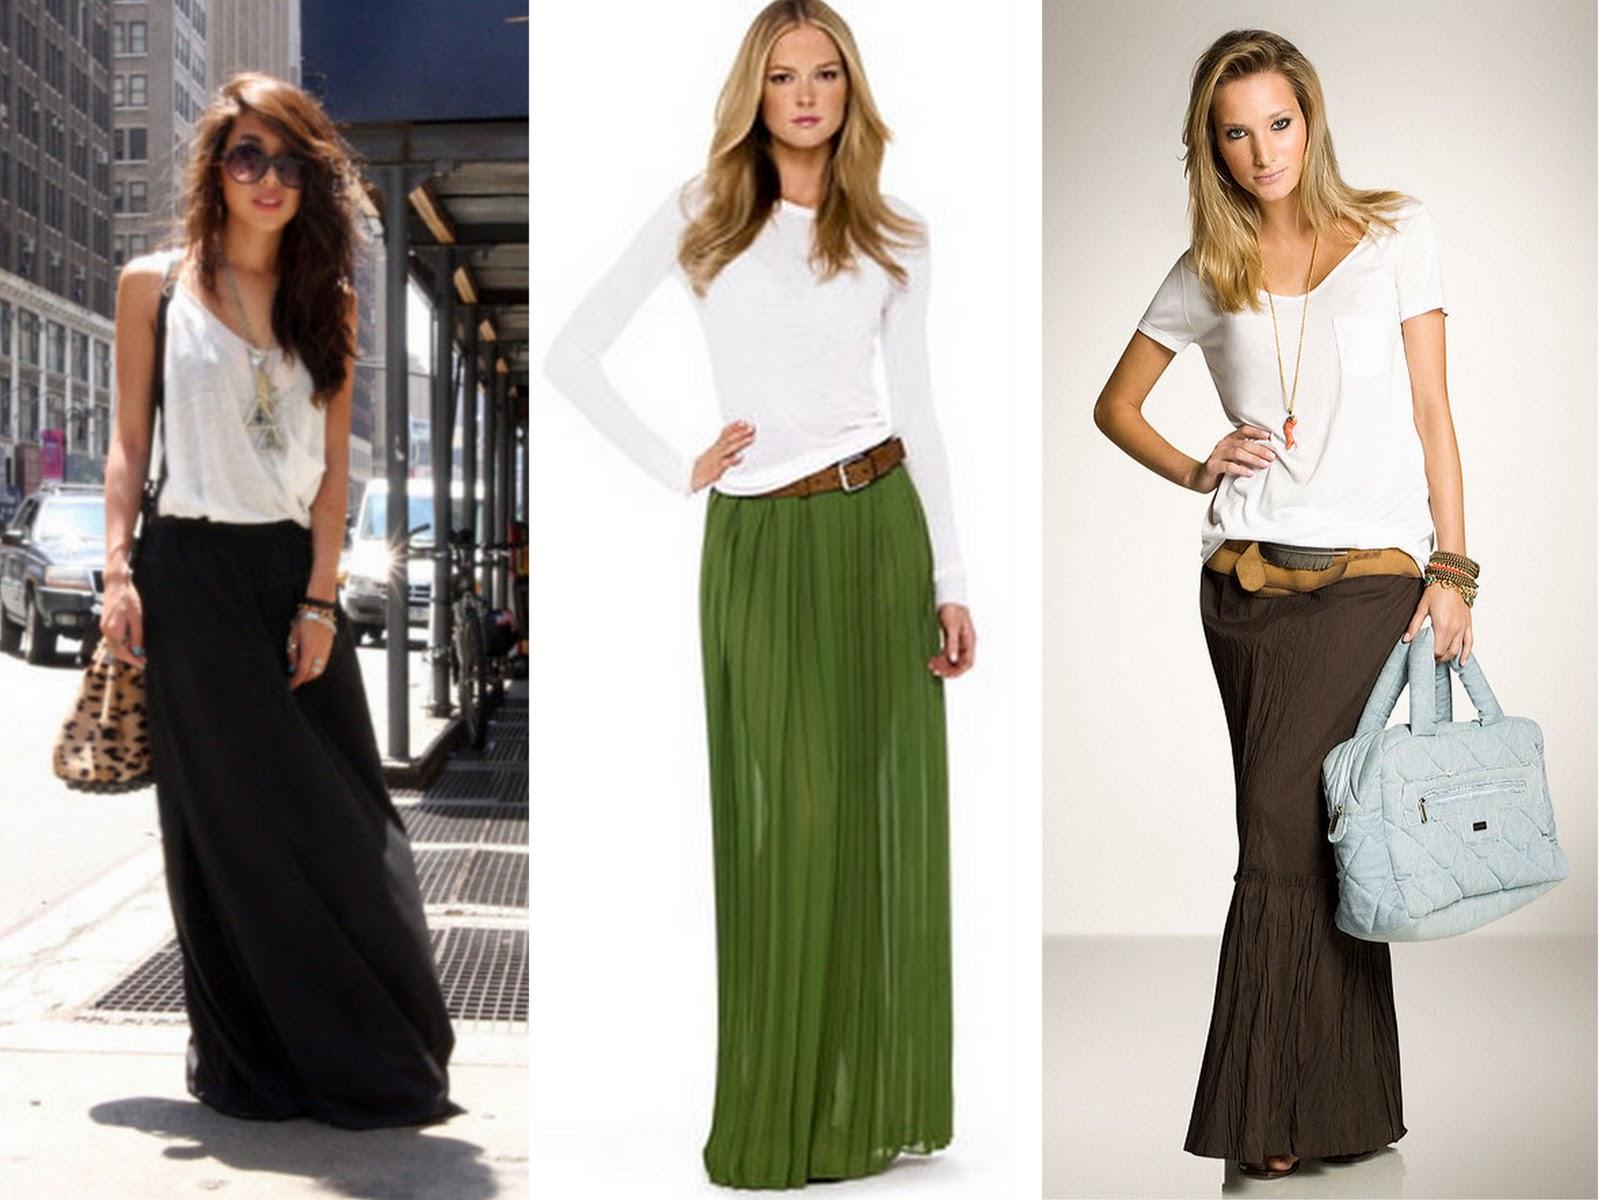 c000f736c5 Invista e se apaixone pelas saias longas - Site de Beleza e Moda